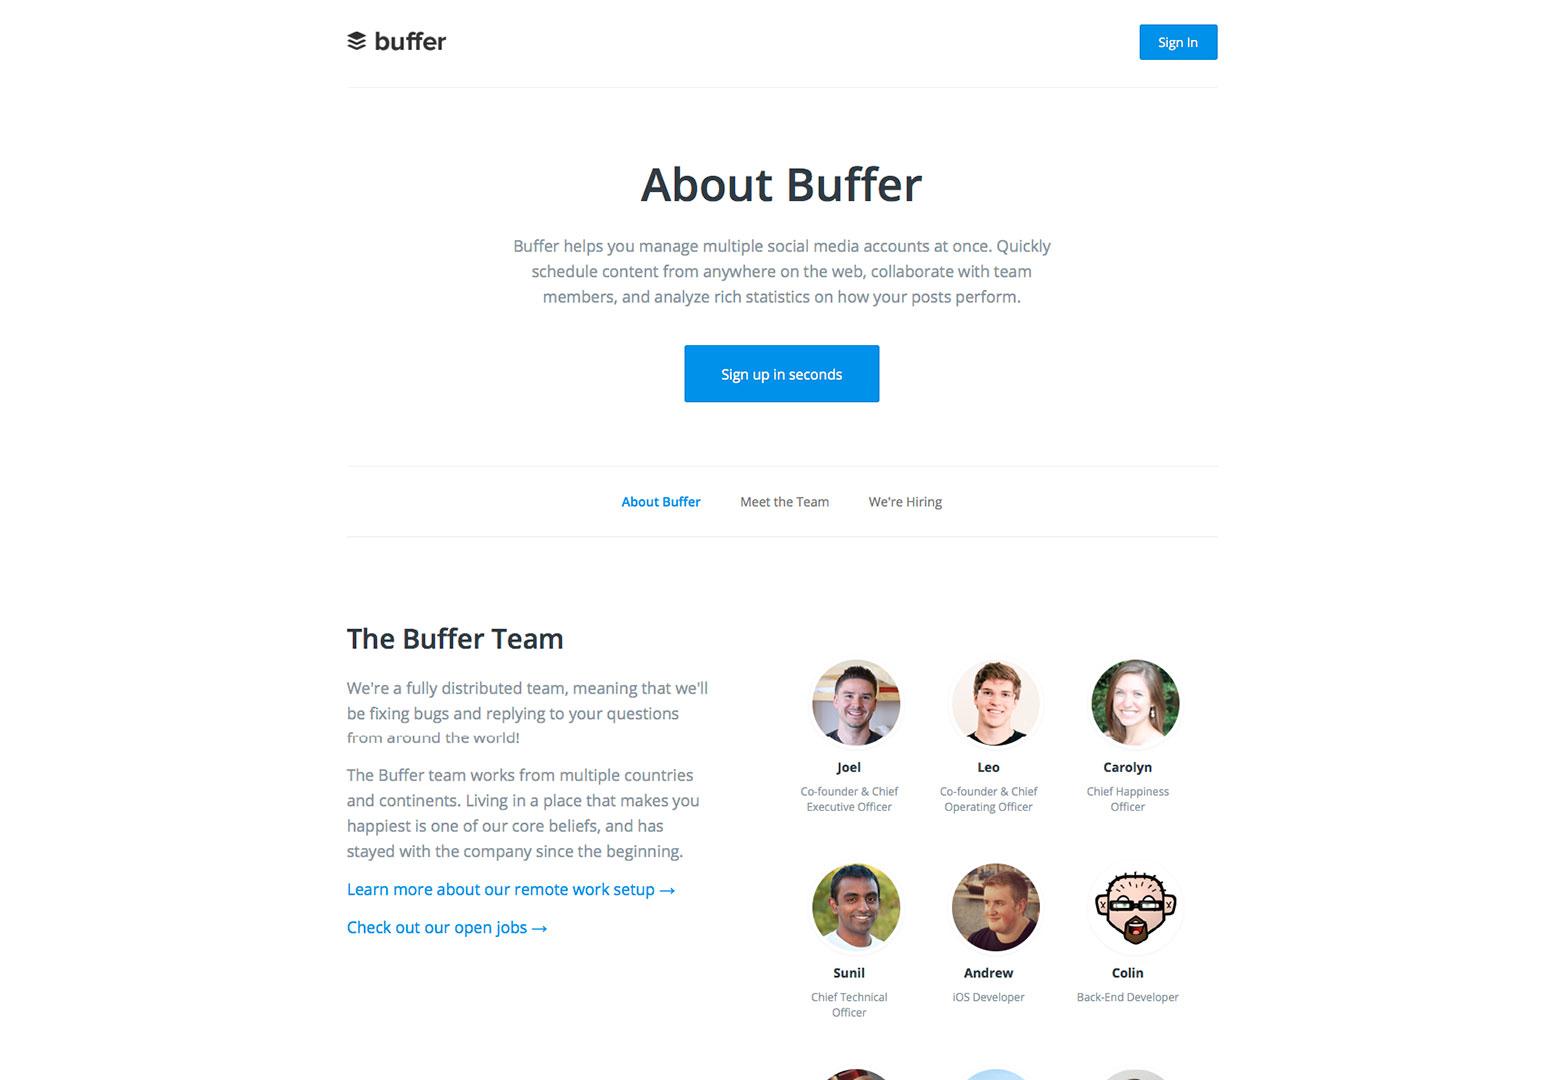 about-buffer